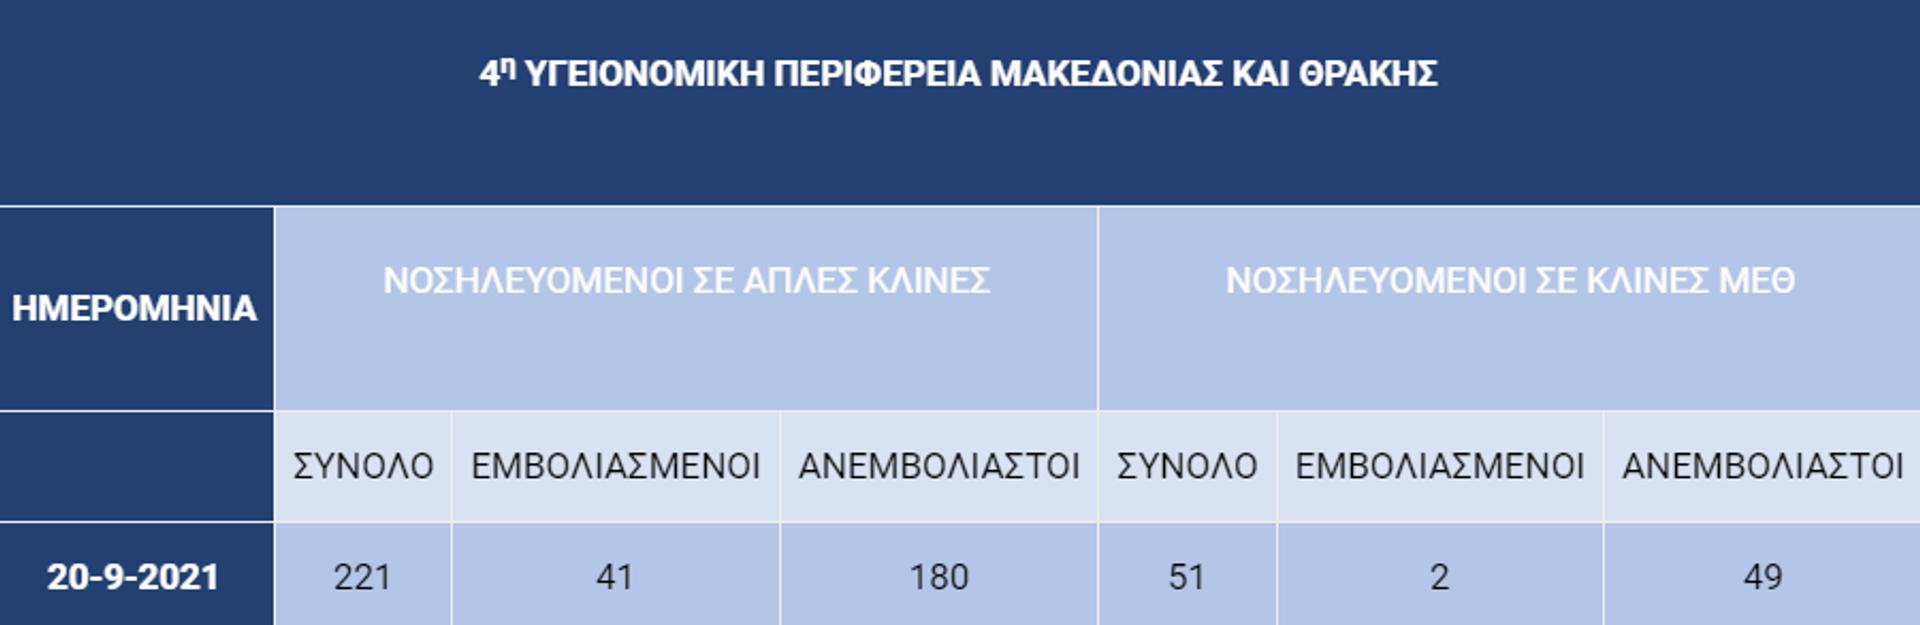 Εικόνα νοσηλειών στα Νοσοκομεία της 4ης ΥΠΕ - Sputnik Ελλάδα, 1920, 21.09.2021